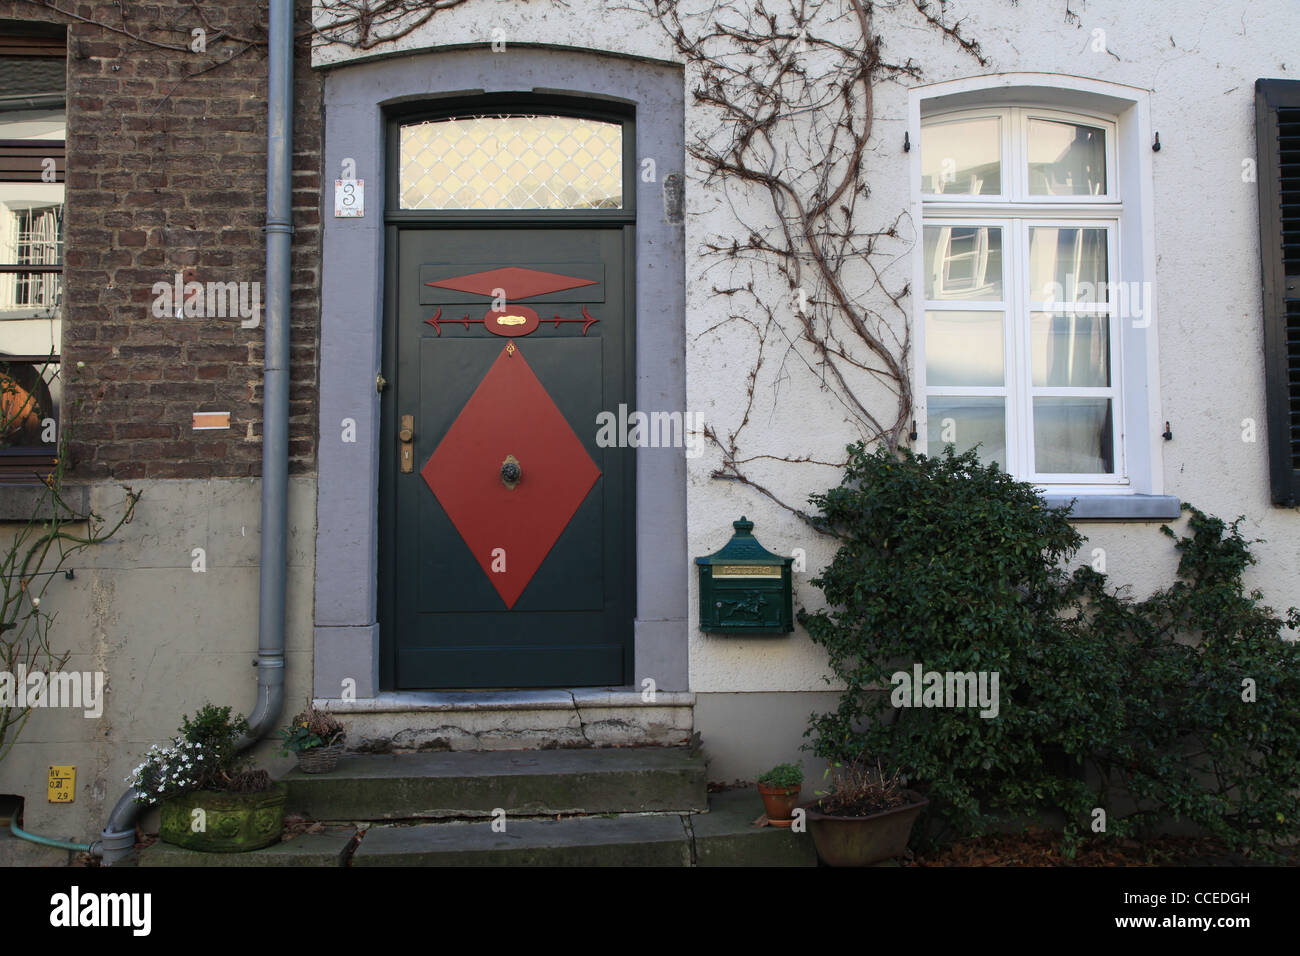 Haustür, Tür, Historisch, historische, Deutschland, Deutschland, Kasettentür, Blau, Rot, Schwarz, Stockbild